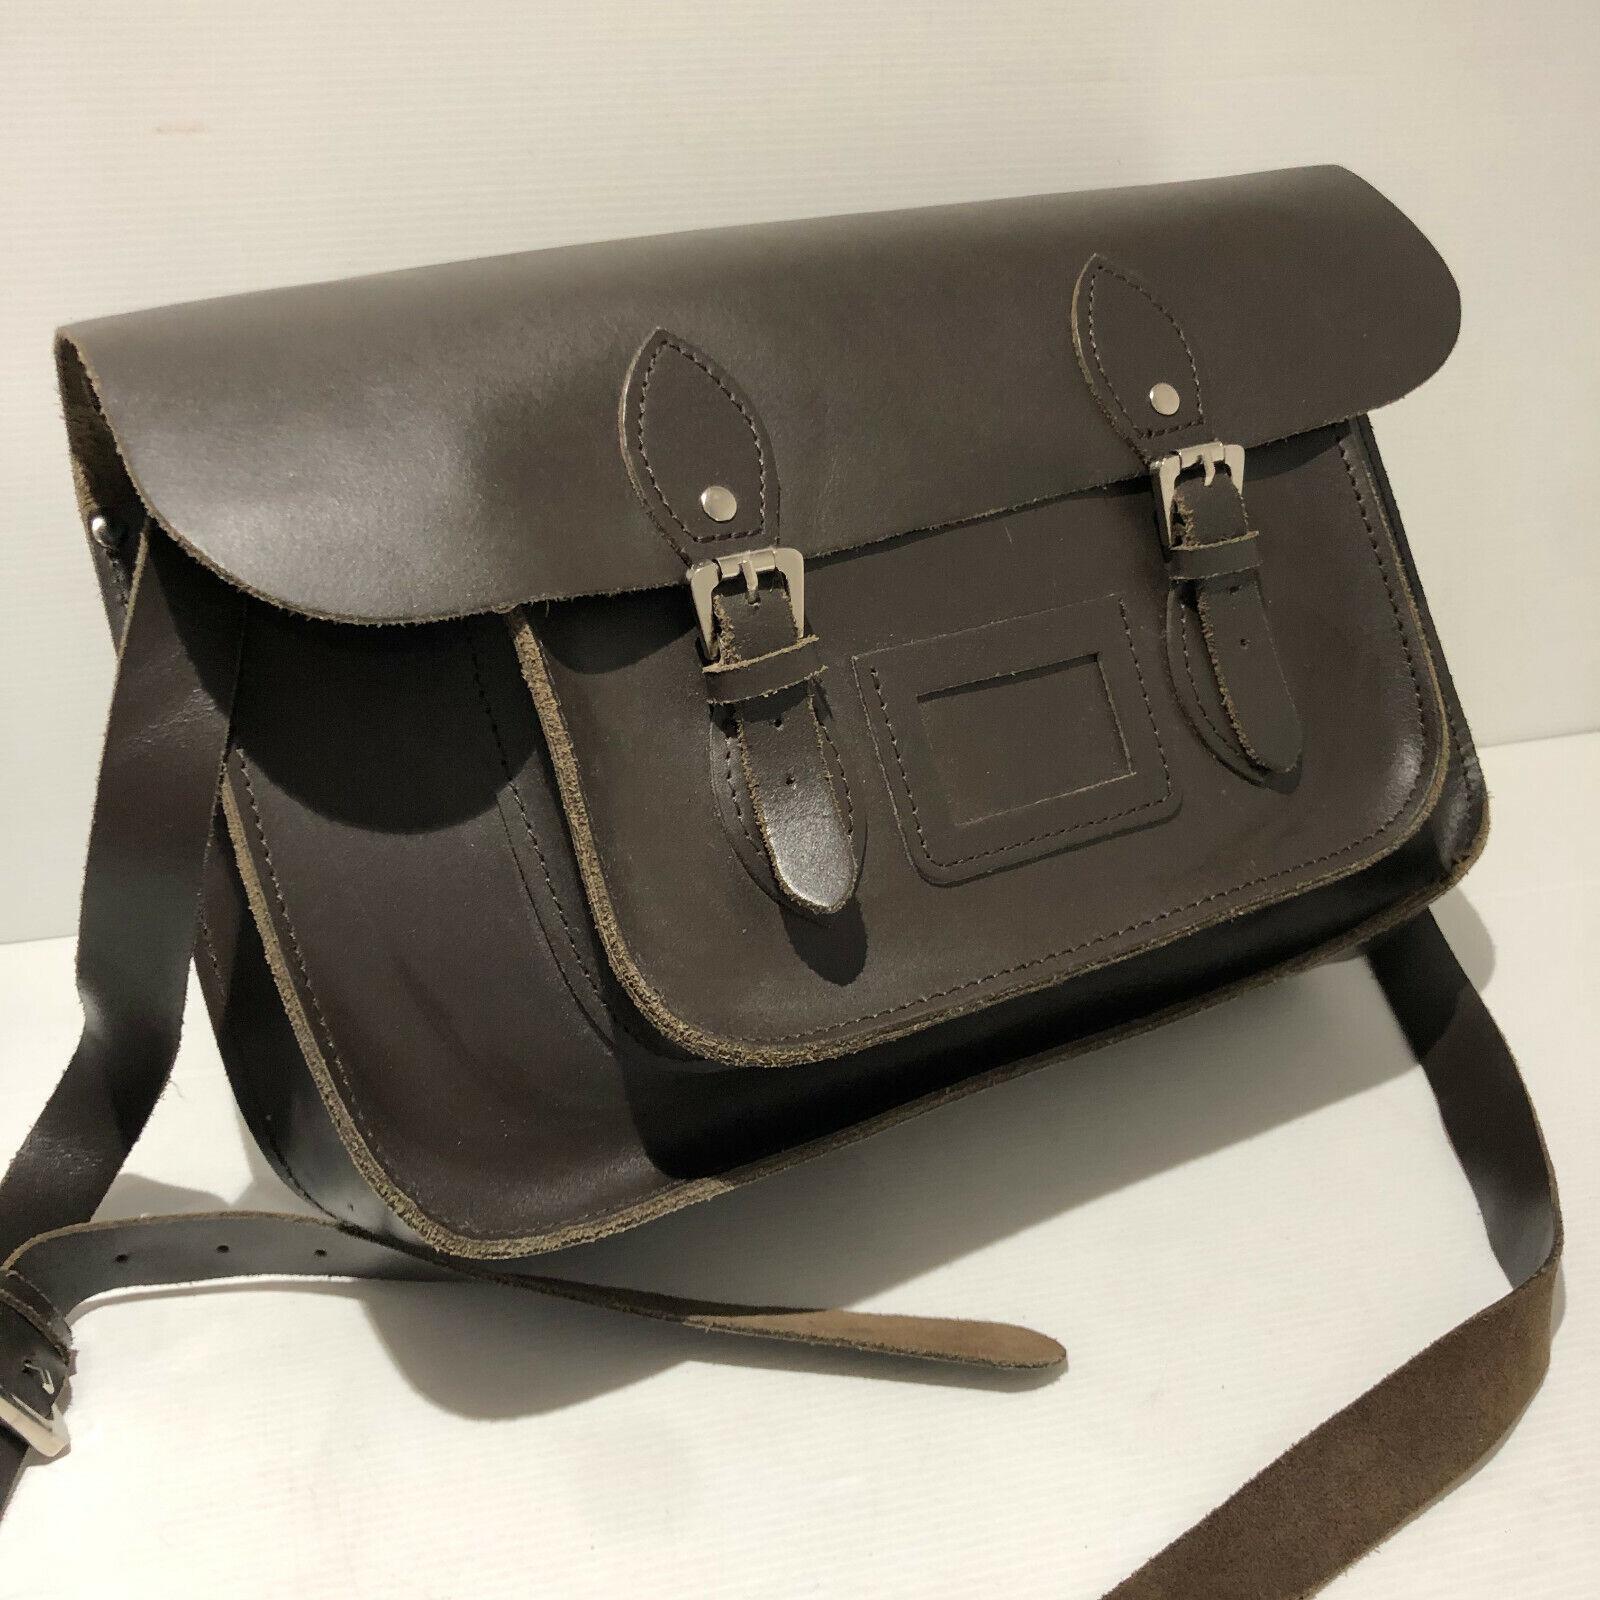 Vintage 80s large brown leather classic unisex satchel shoulder bag VGC uni